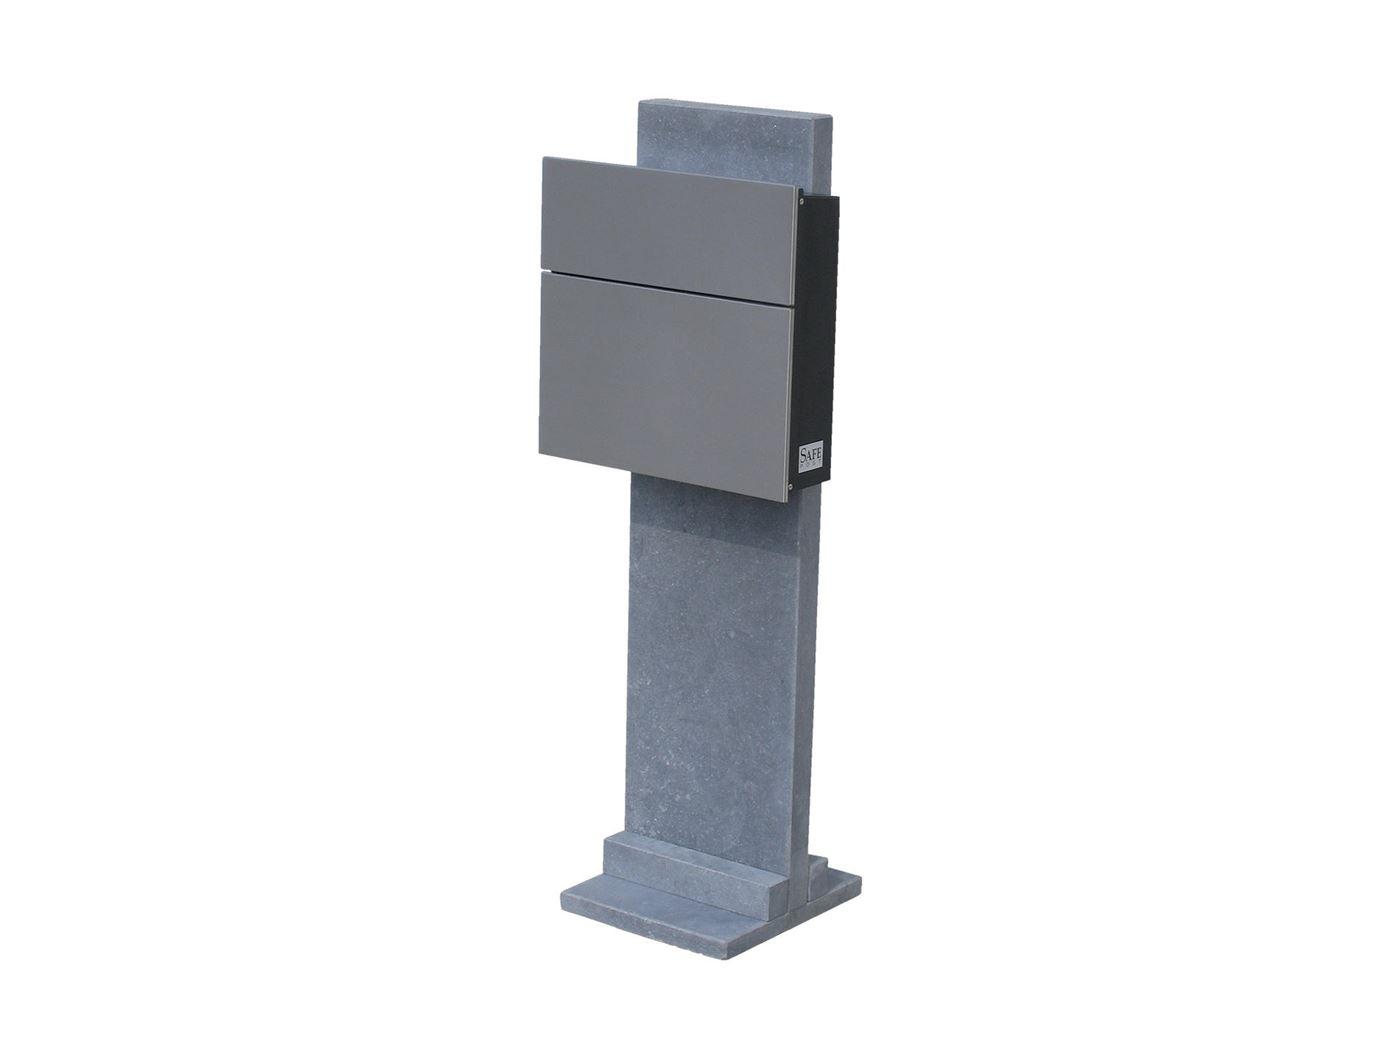 brievenbus karlstad stainless steel